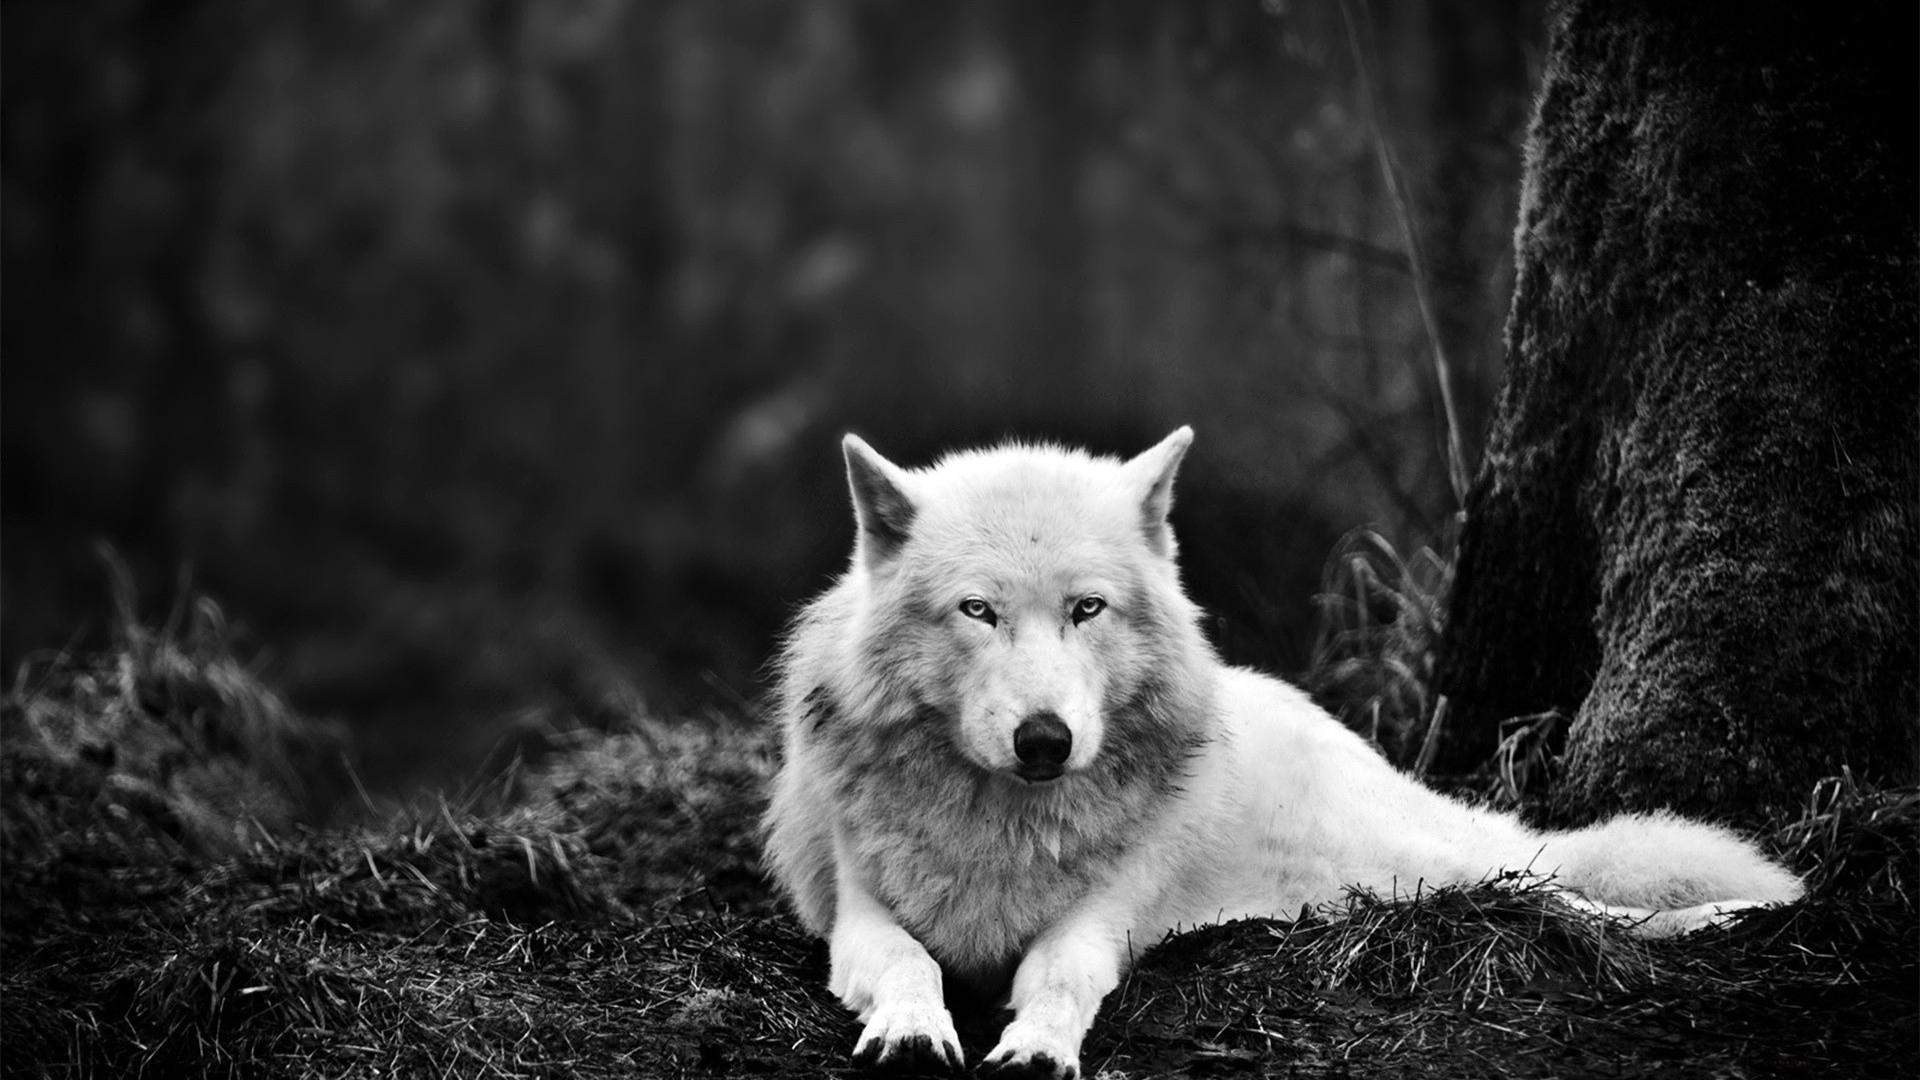 картинки волка одиночки черно белый на рабочий стол